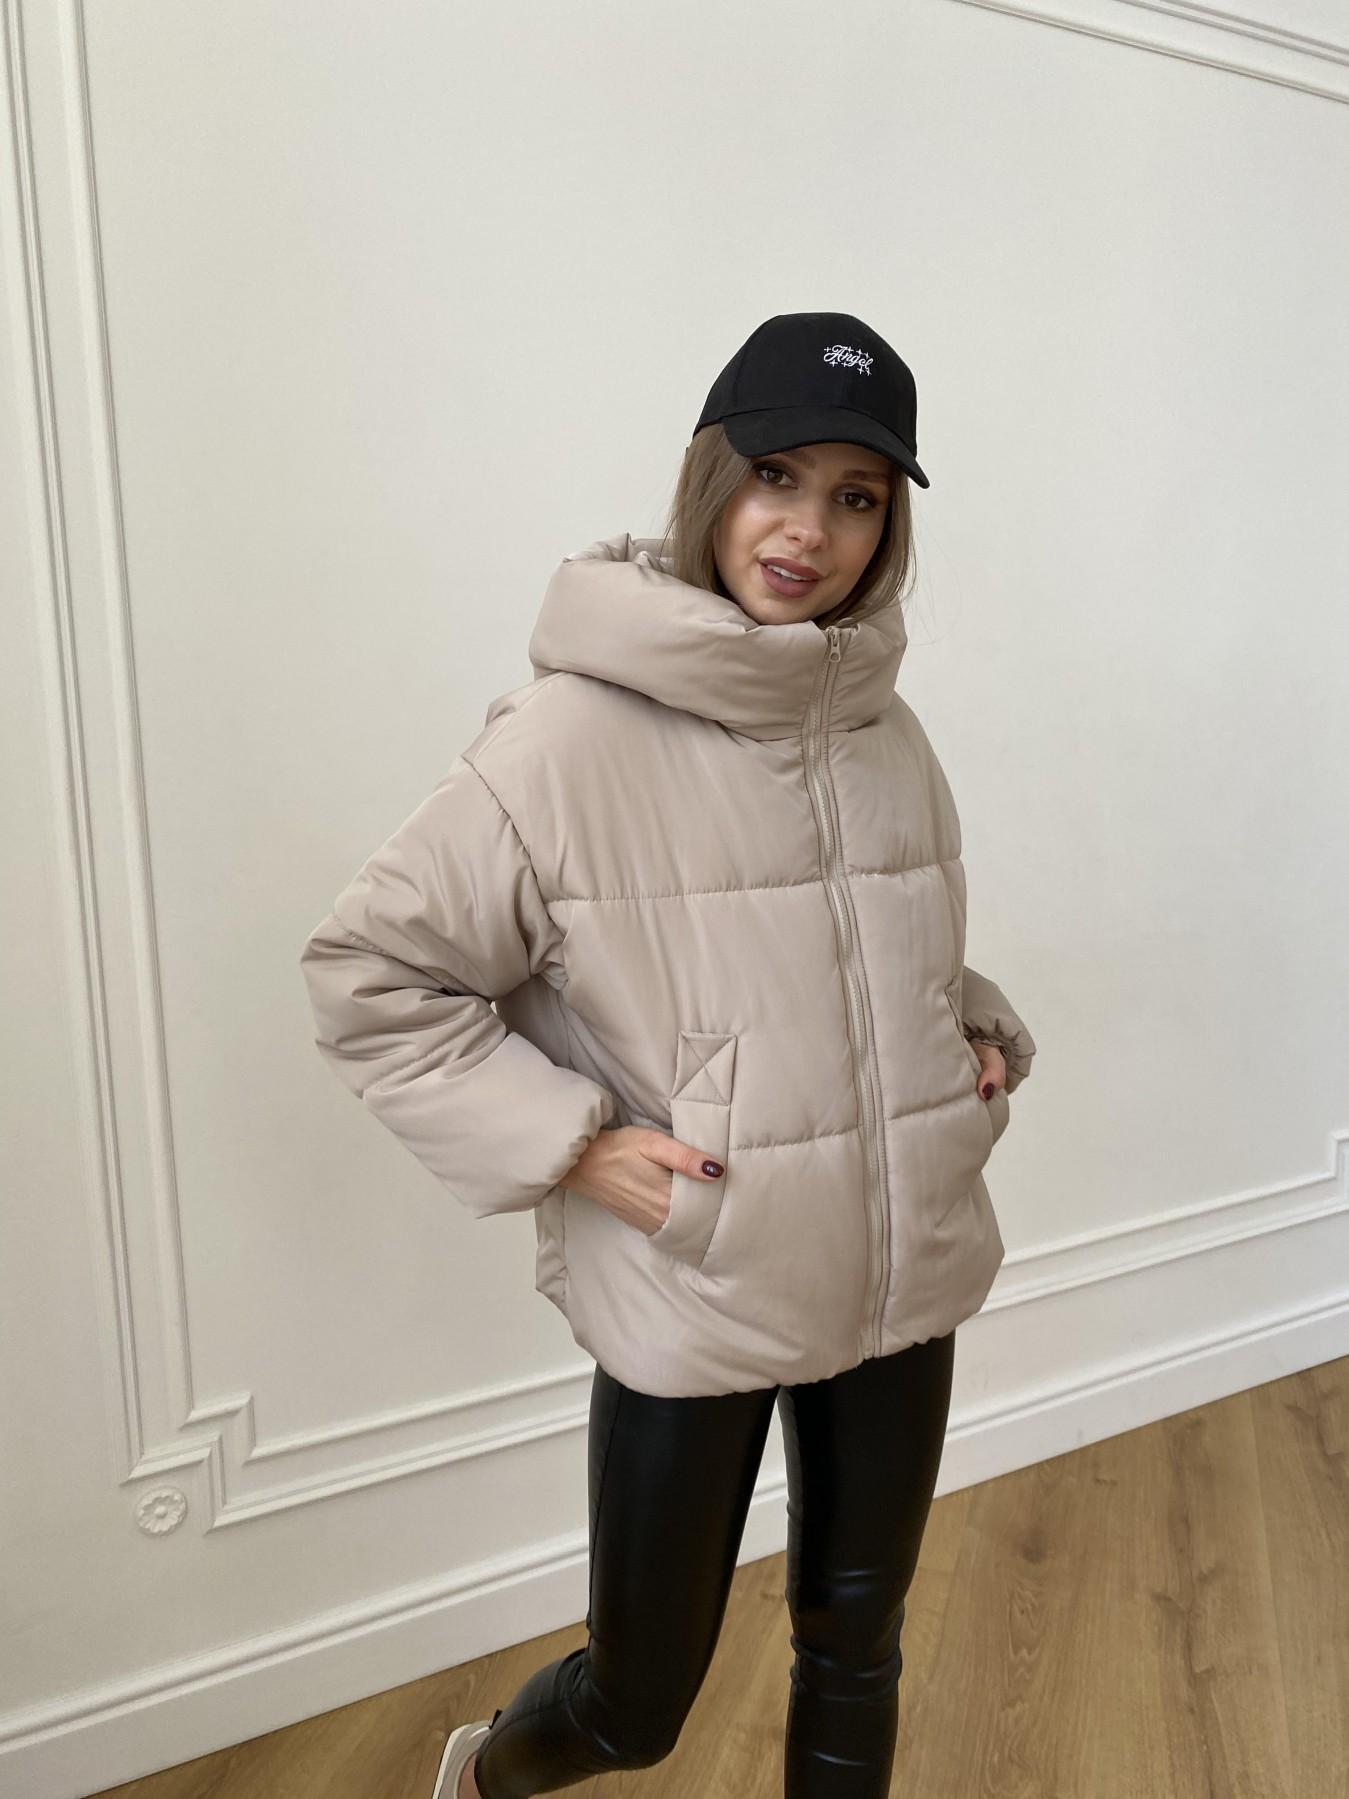 Нокс куртка из плащевой ткани 10535 АРТ. 47482 Цвет: Бежевый - фото 1, интернет магазин tm-modus.ru